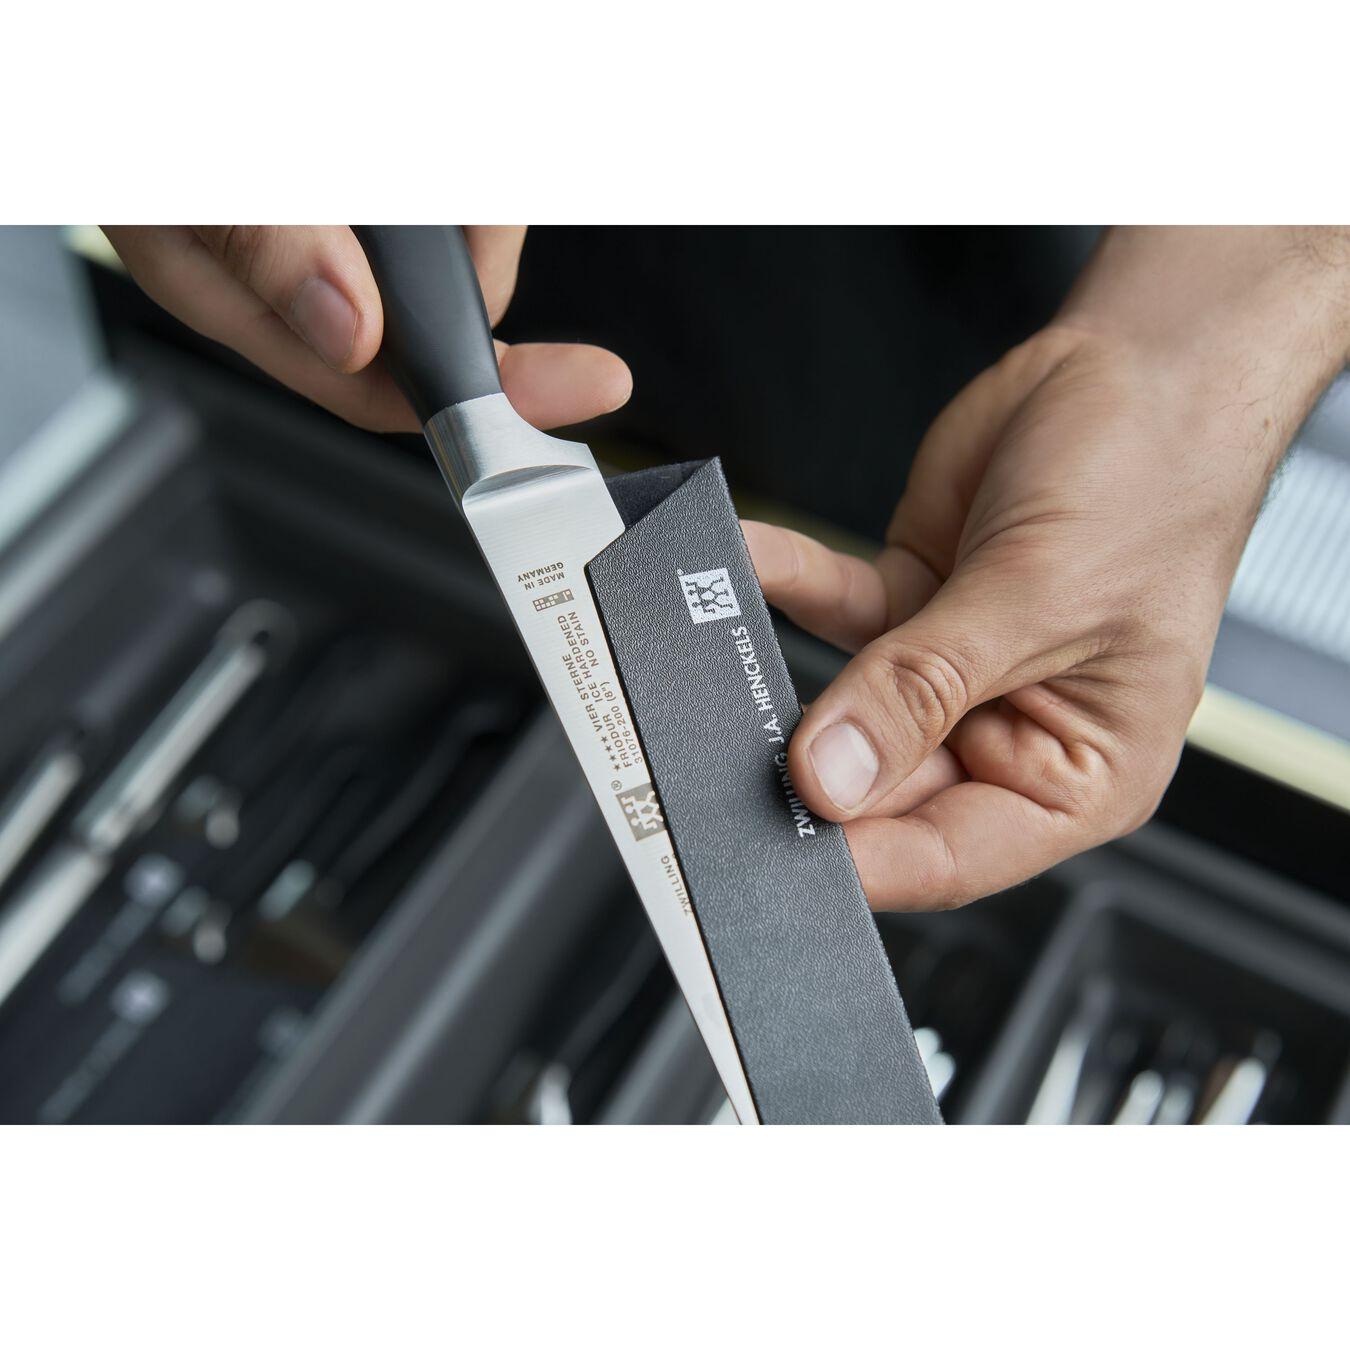 21 cm Knife sheath,,large 5